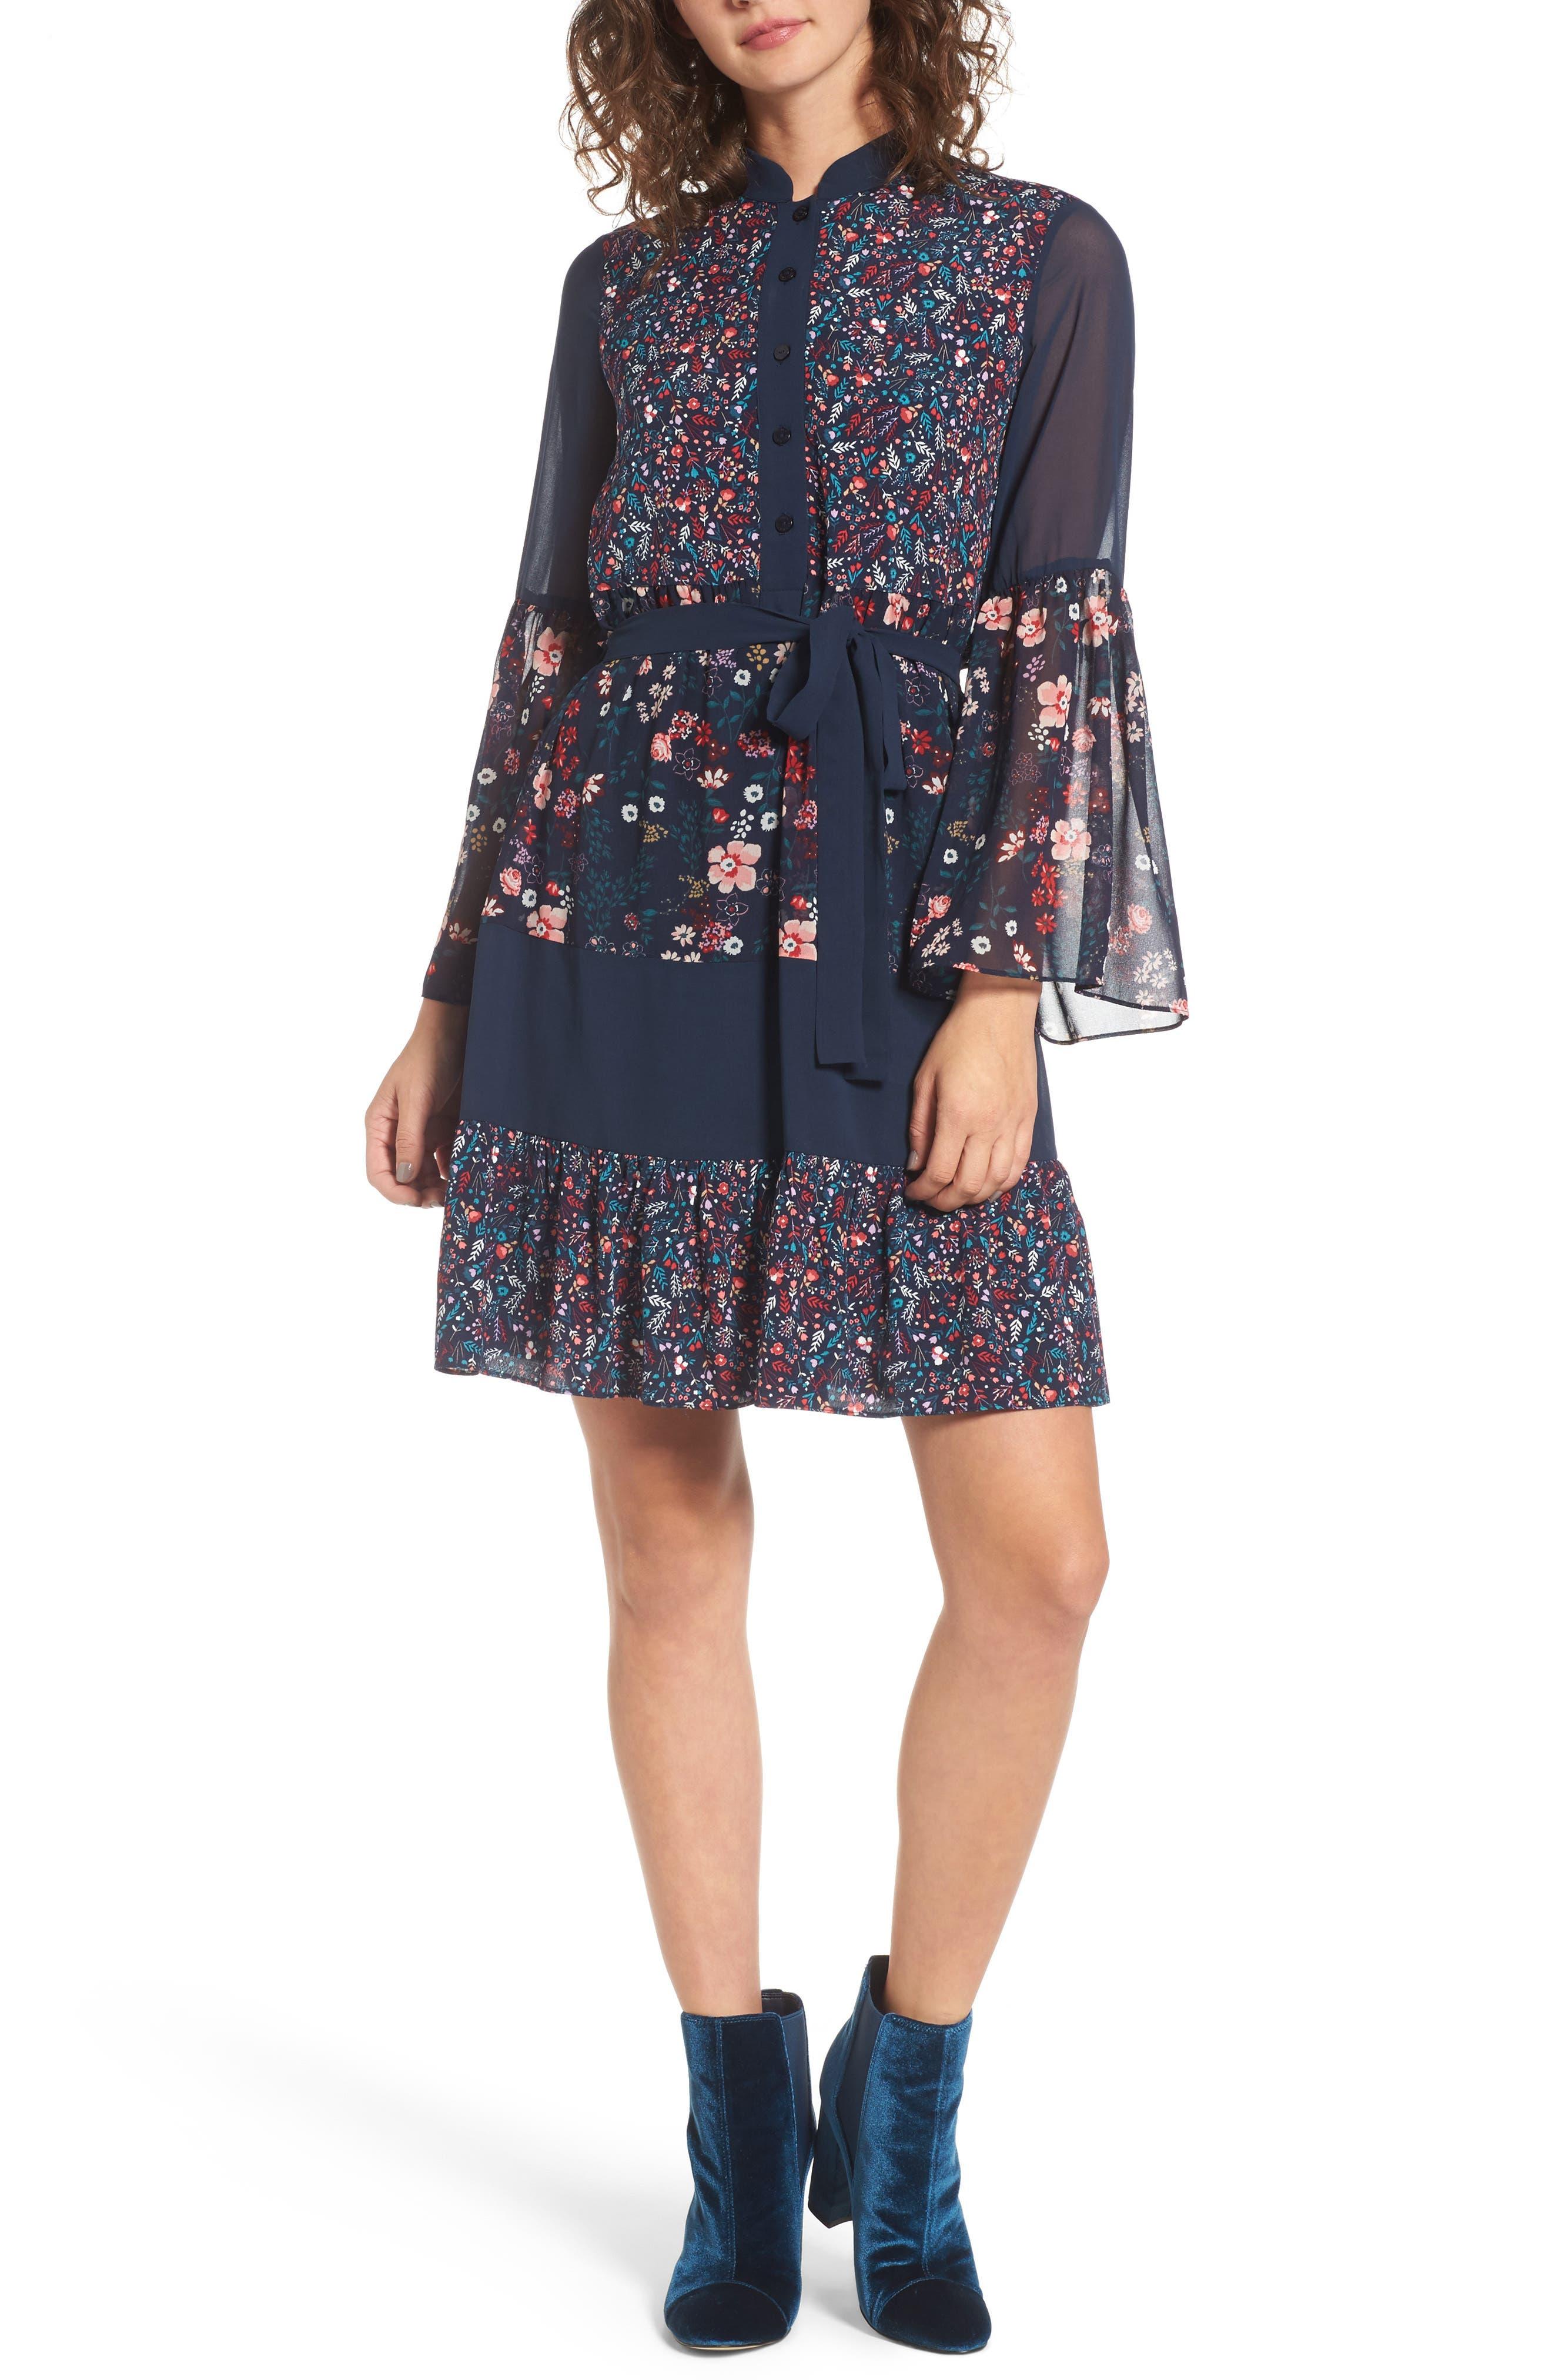 Caprice Floral Mix Shirtdress,                         Main,                         color, Regal Caprice